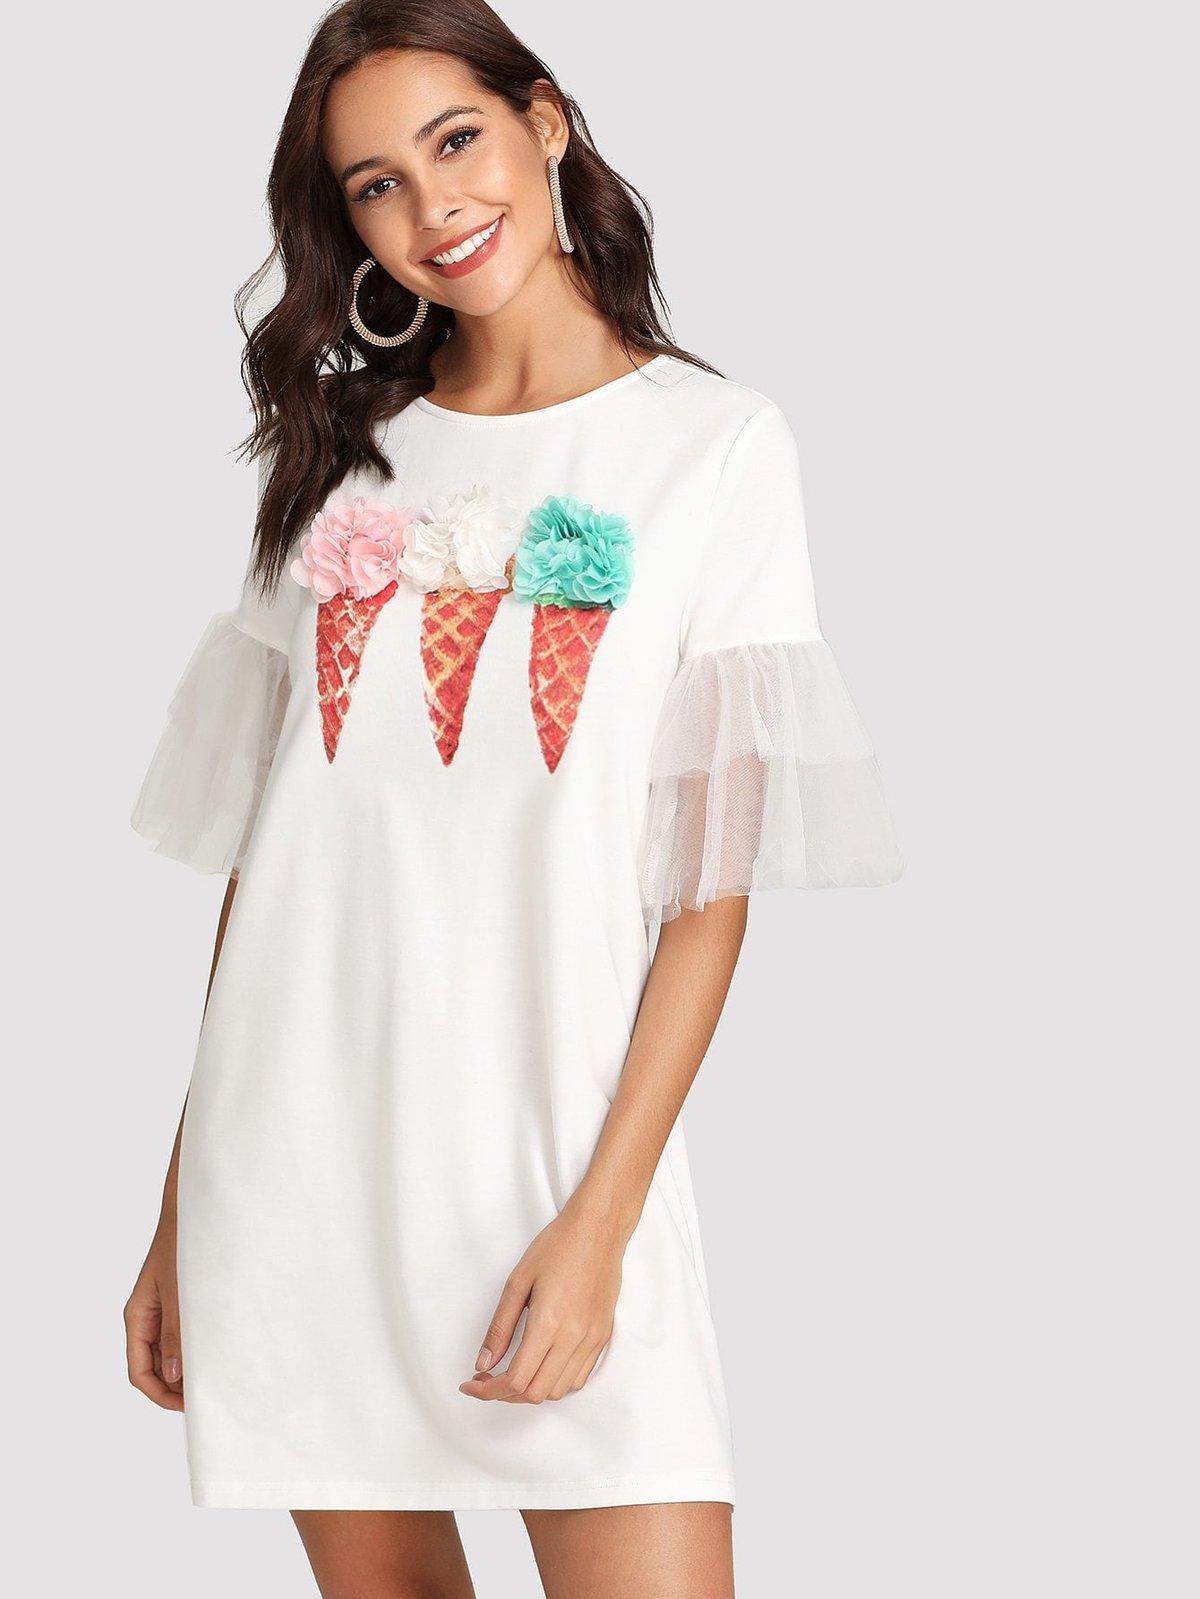 платье с мороженым фото джексон даже